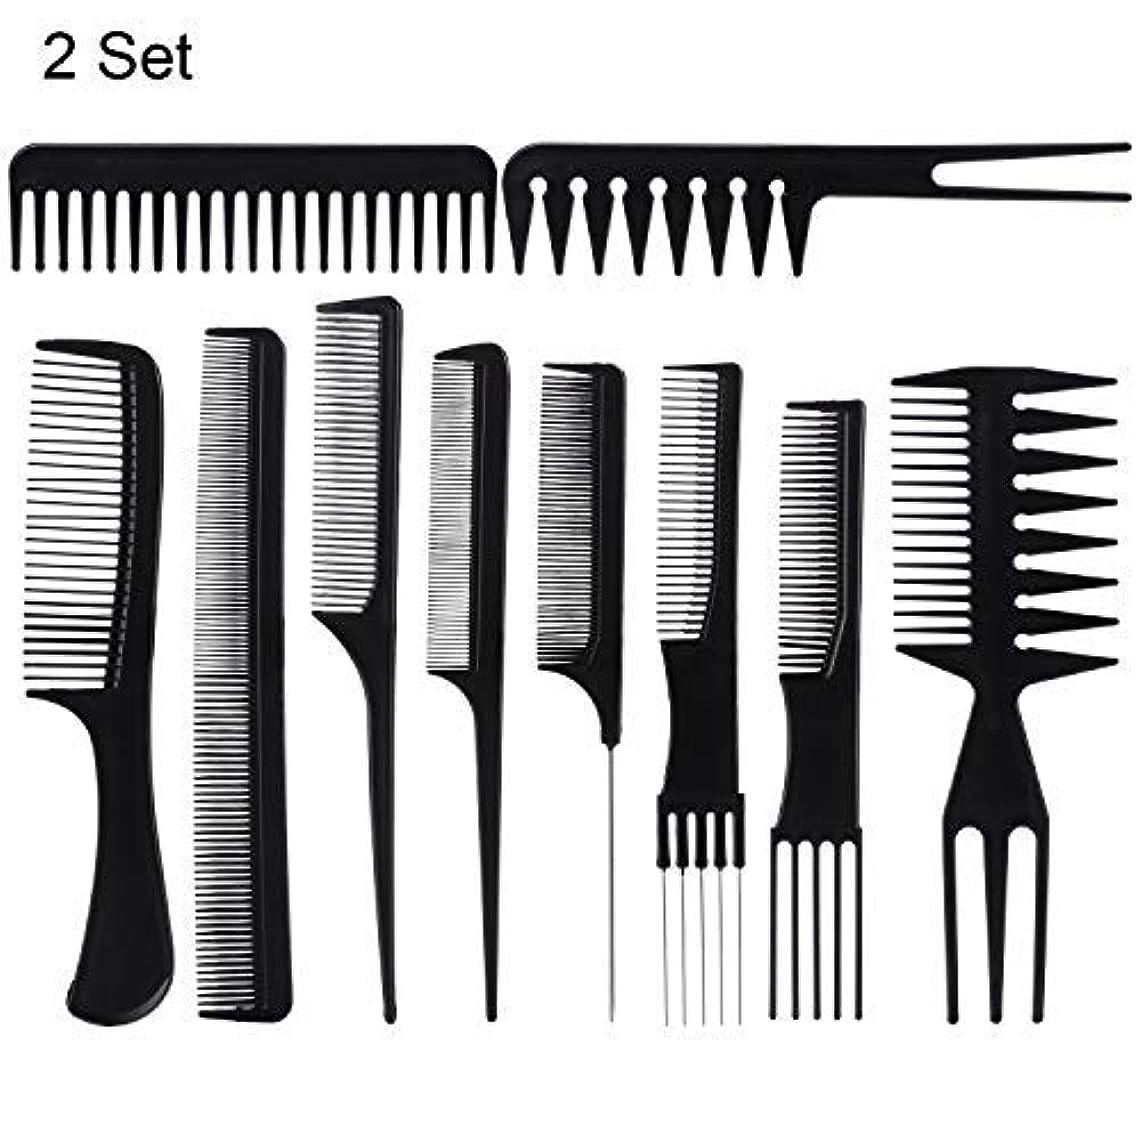 塗抹大きなスケールで見ると価値のない20 Piece Professional Styling Comb Set for Making hair style [並行輸入品]